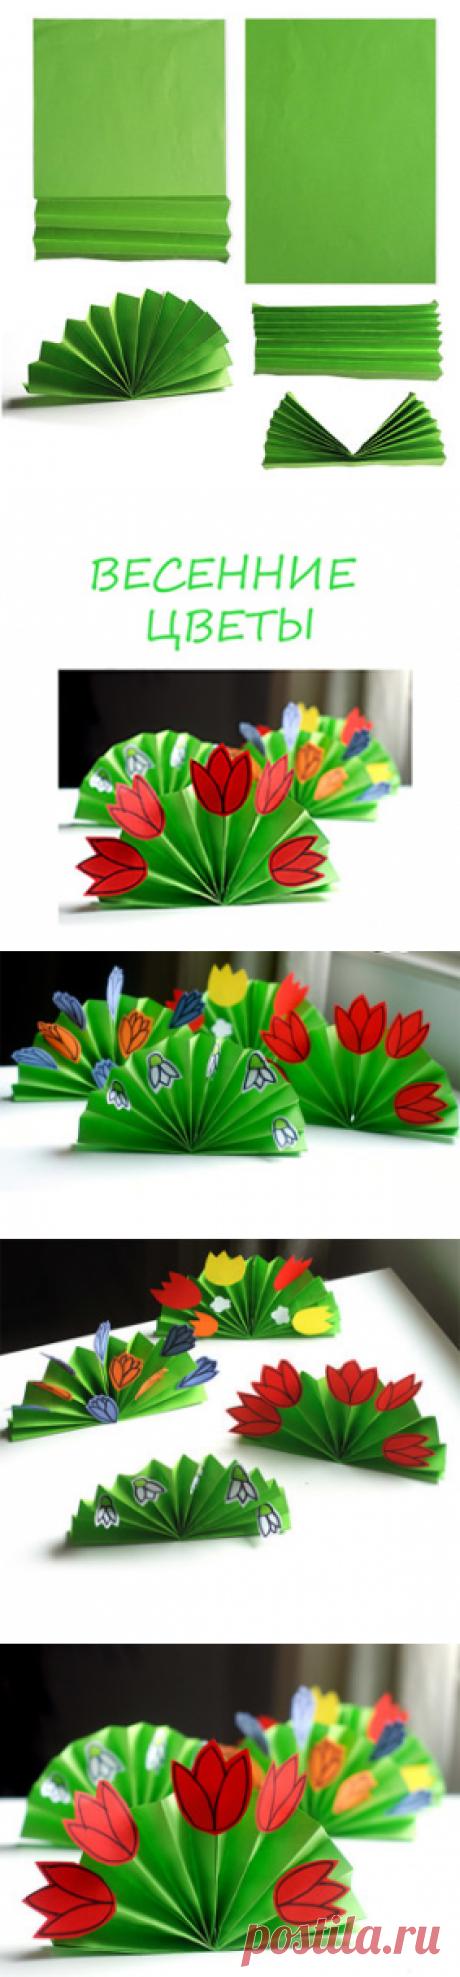 Весенние цветы - Поделки с детьми | Деткиподелки